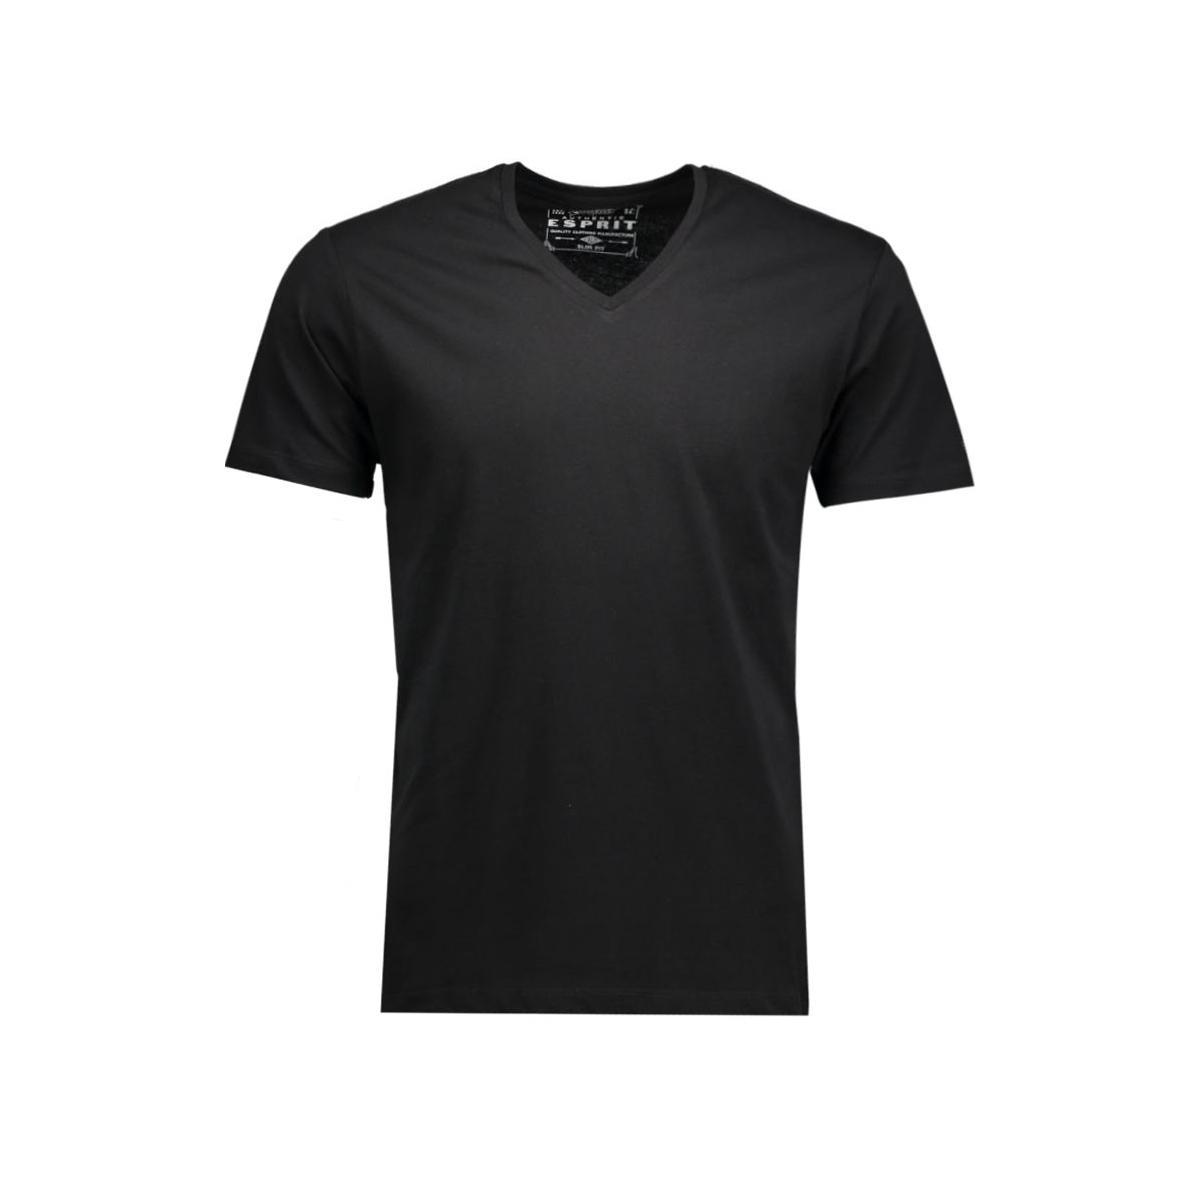 995ee2k903 esprit t-shirt e001